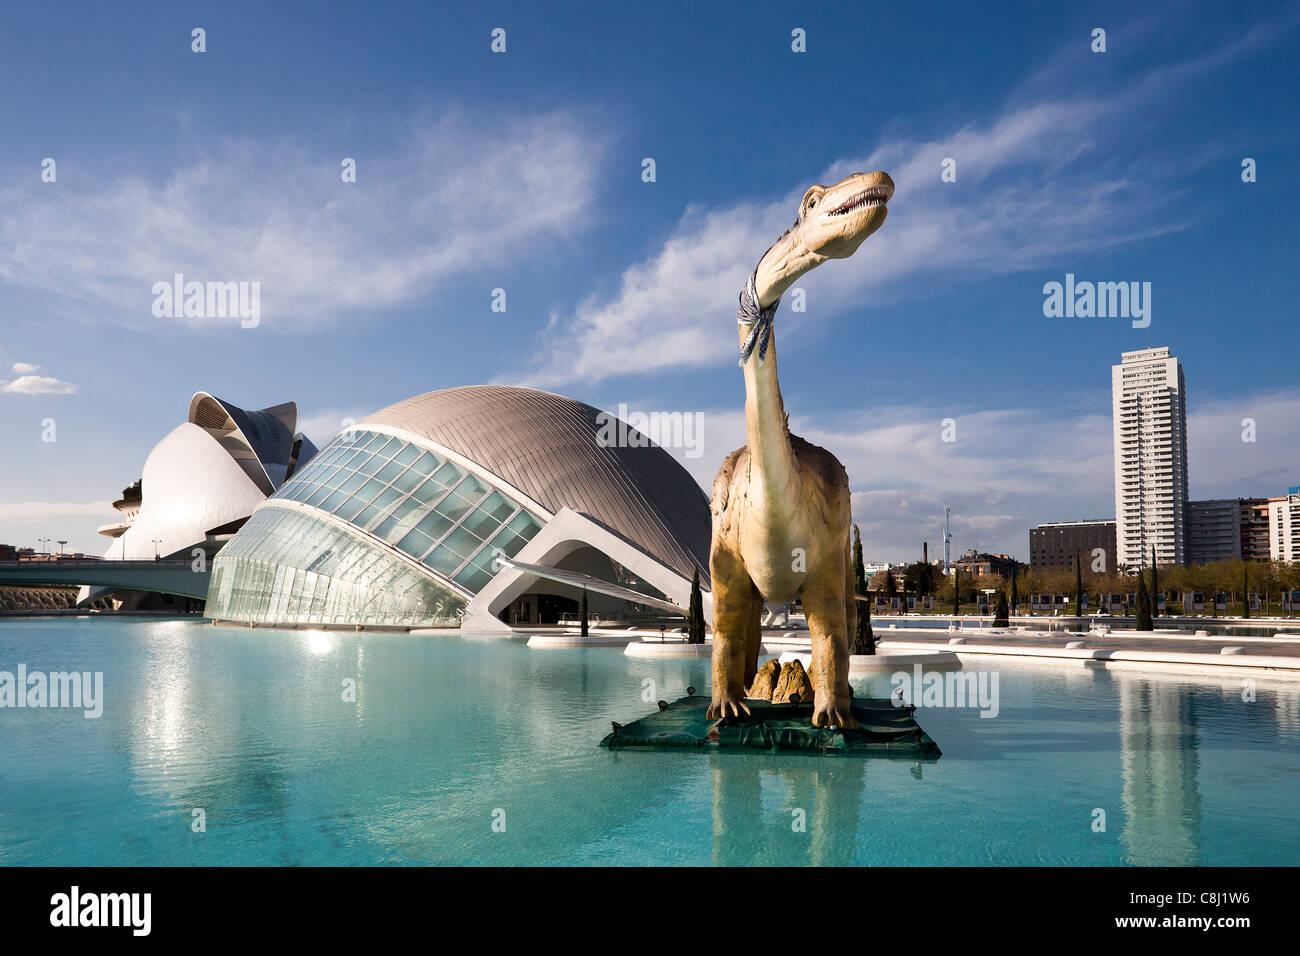 Spagna, Europa, Valencia, Città delle arti e della scienza, Calatrava, architettura moderna, dinosauro, acqua Immagini Stock